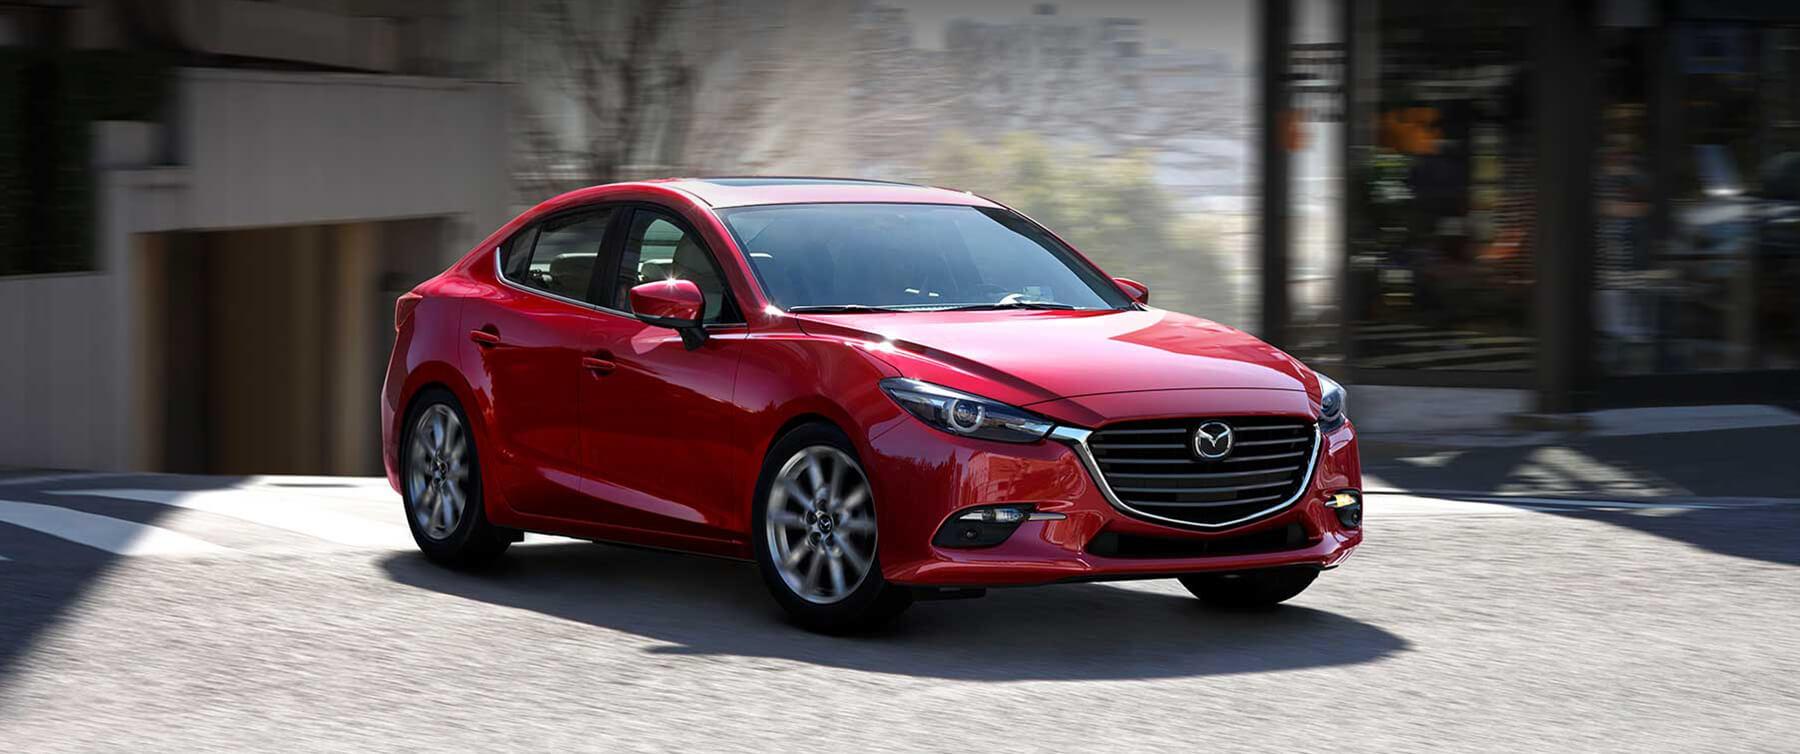 2017 Red Mazda3 4-door driving on street